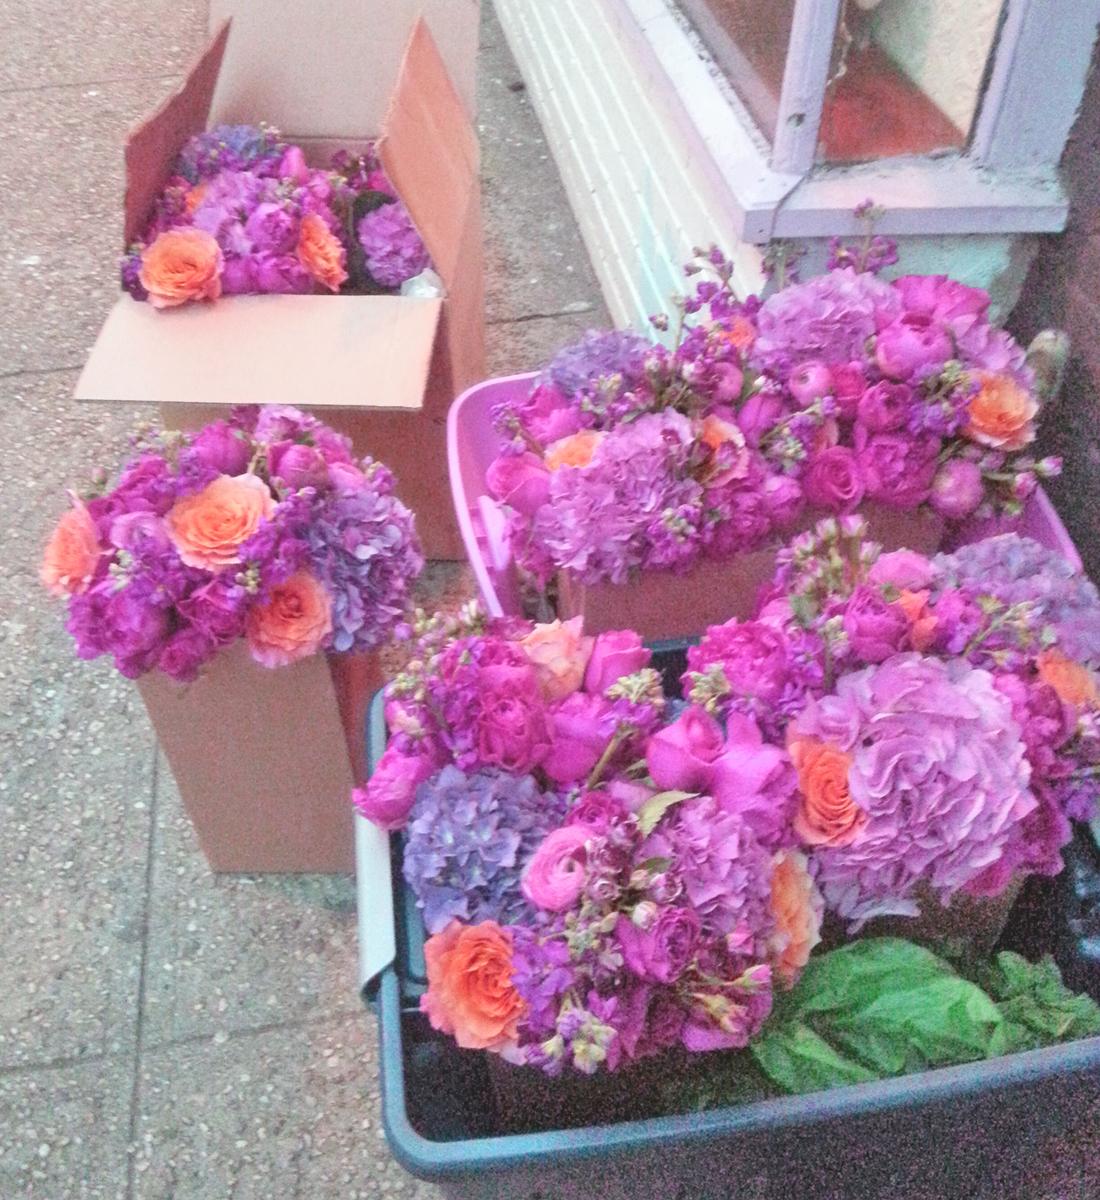 jewel-tone-flowers-2